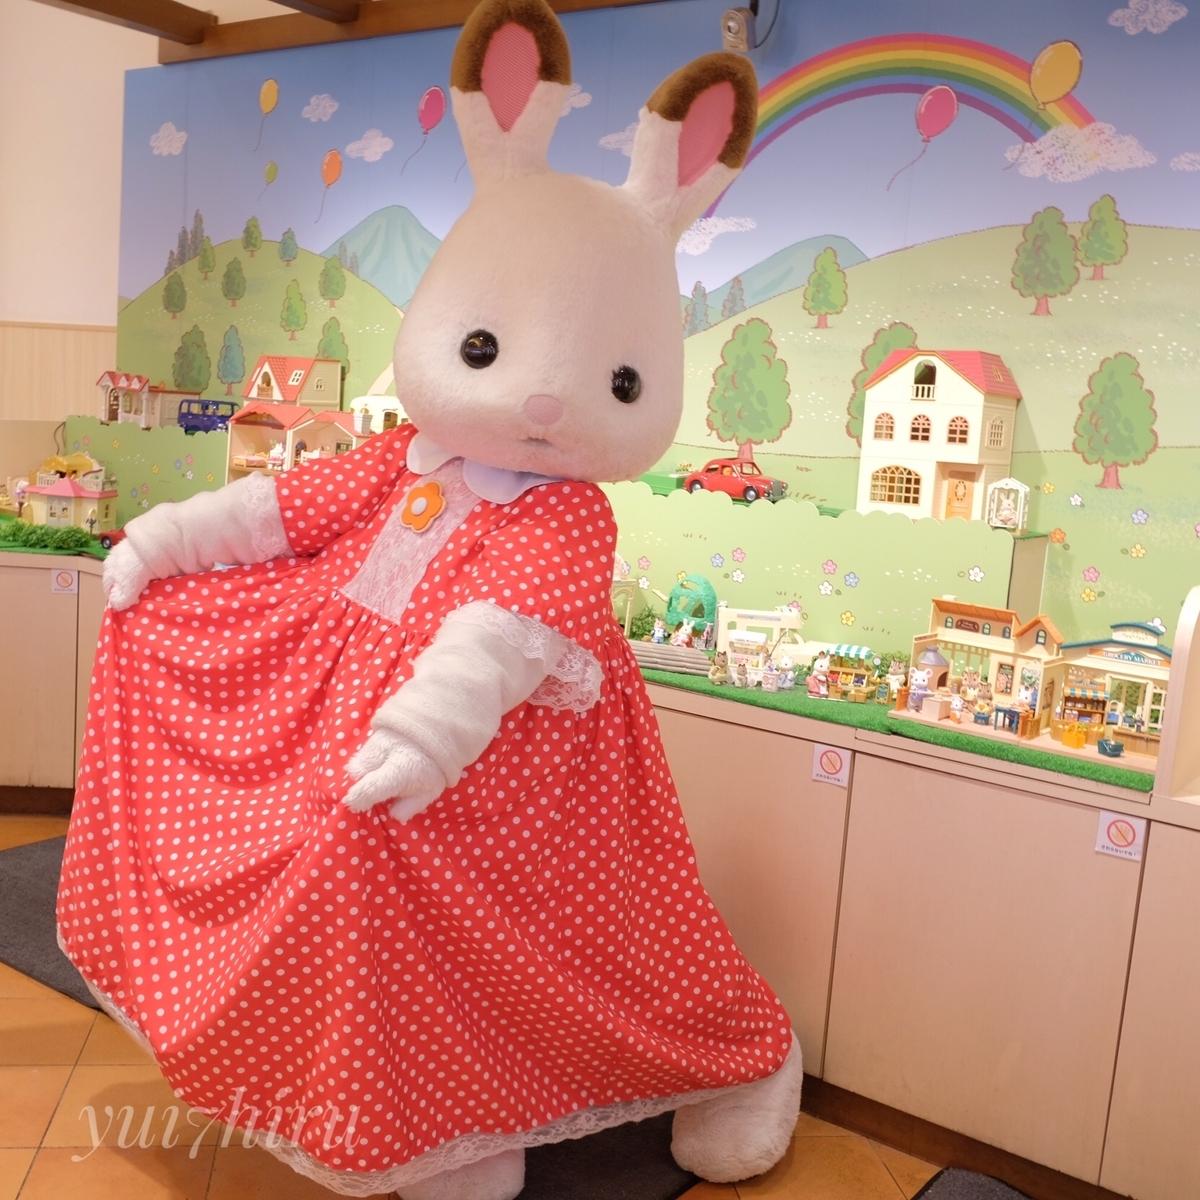 店内に登場したショコラウサギちゃん